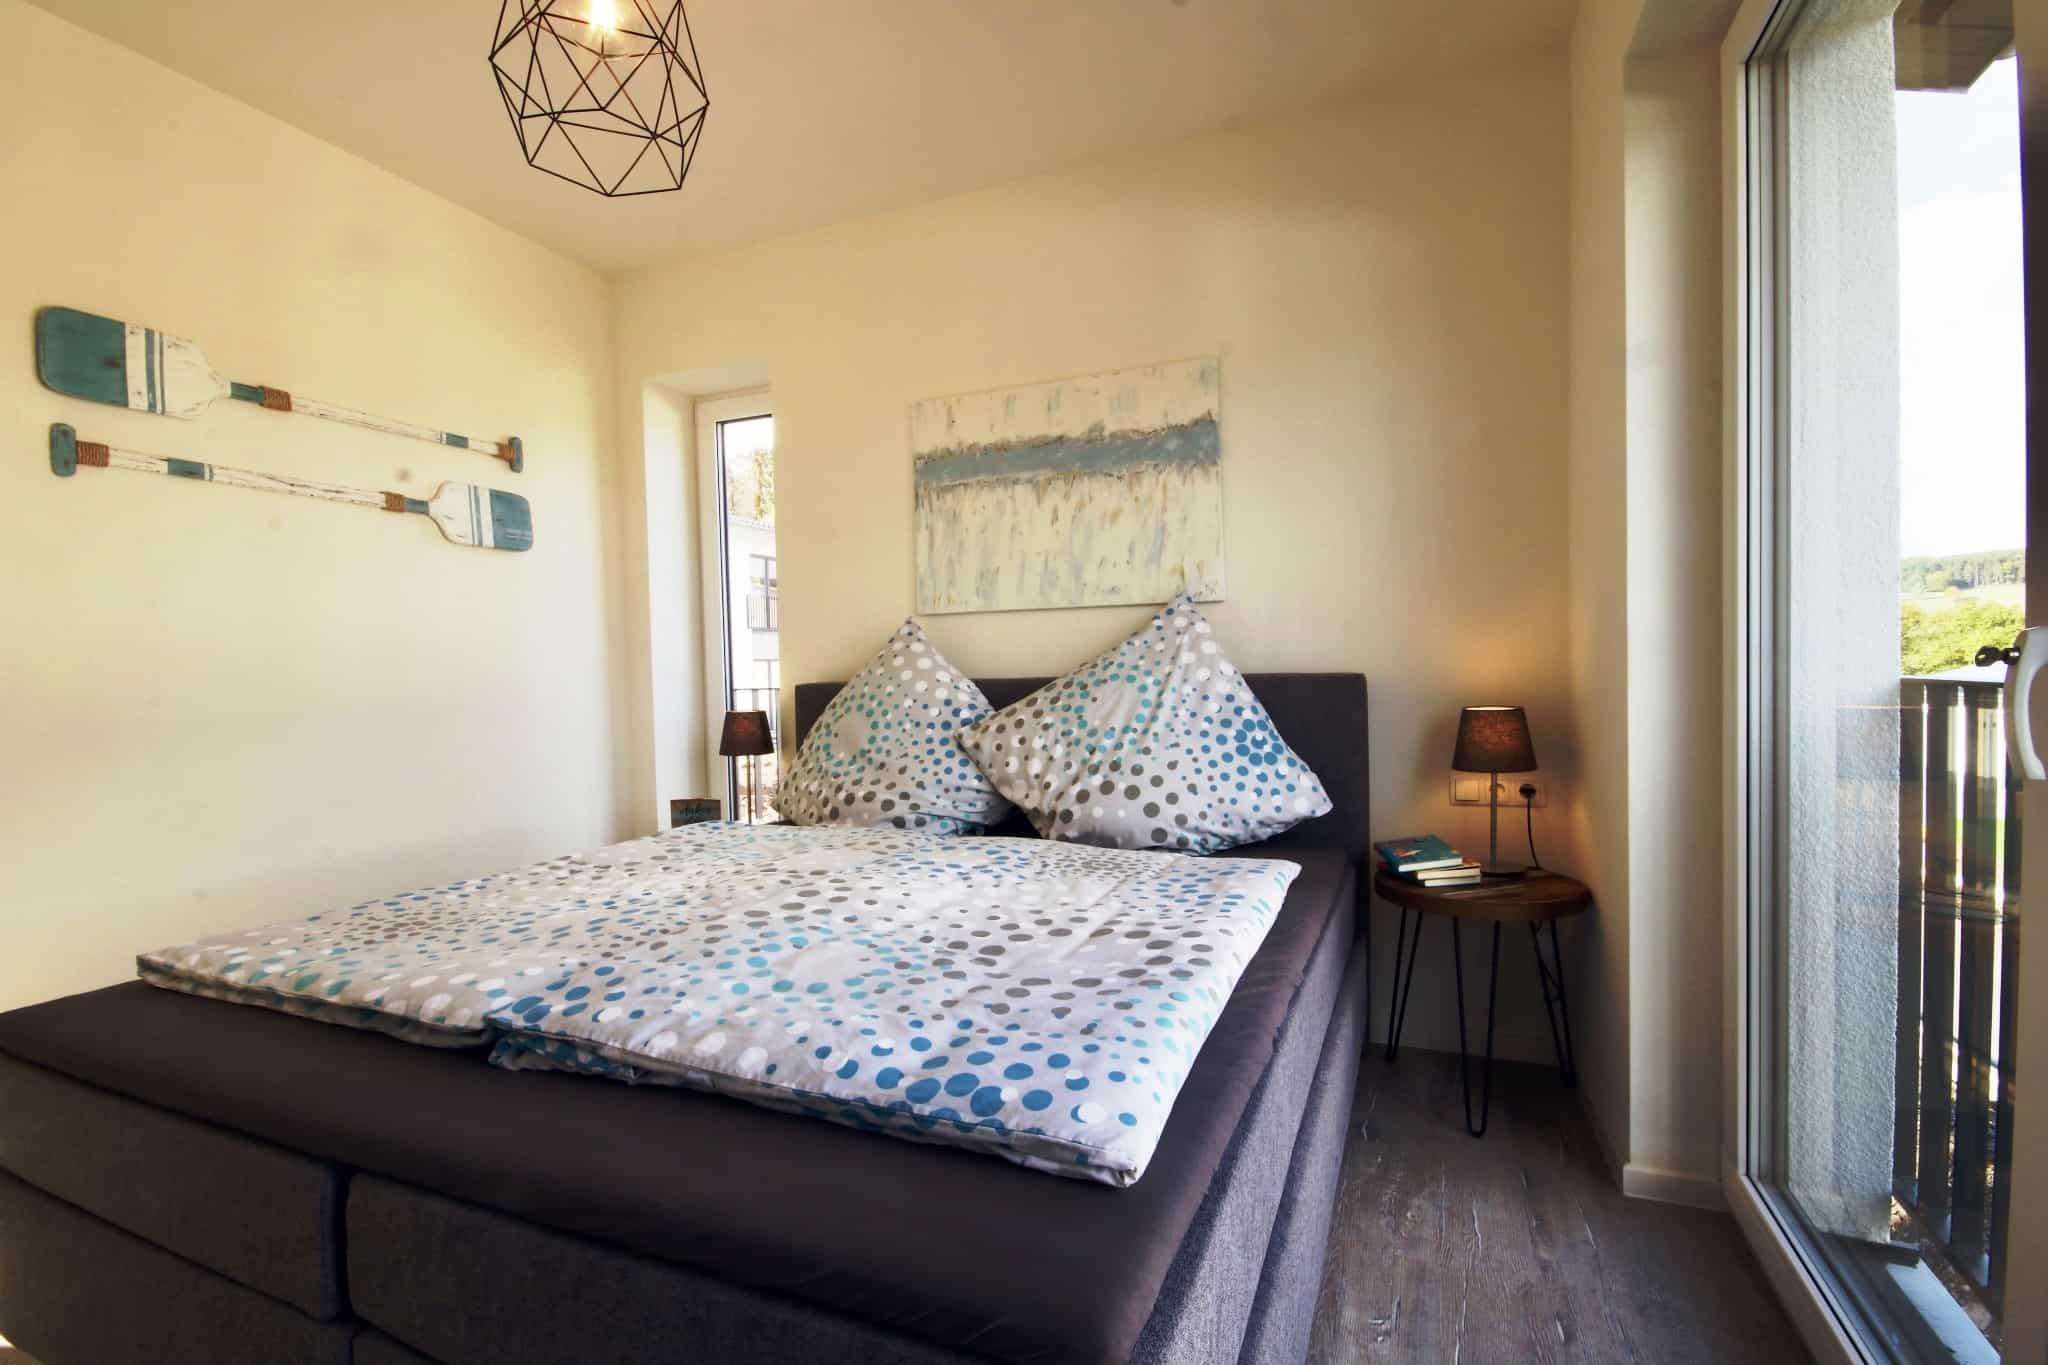 Ferienhaus Marta am Diemelsee Schlafzimmer 2